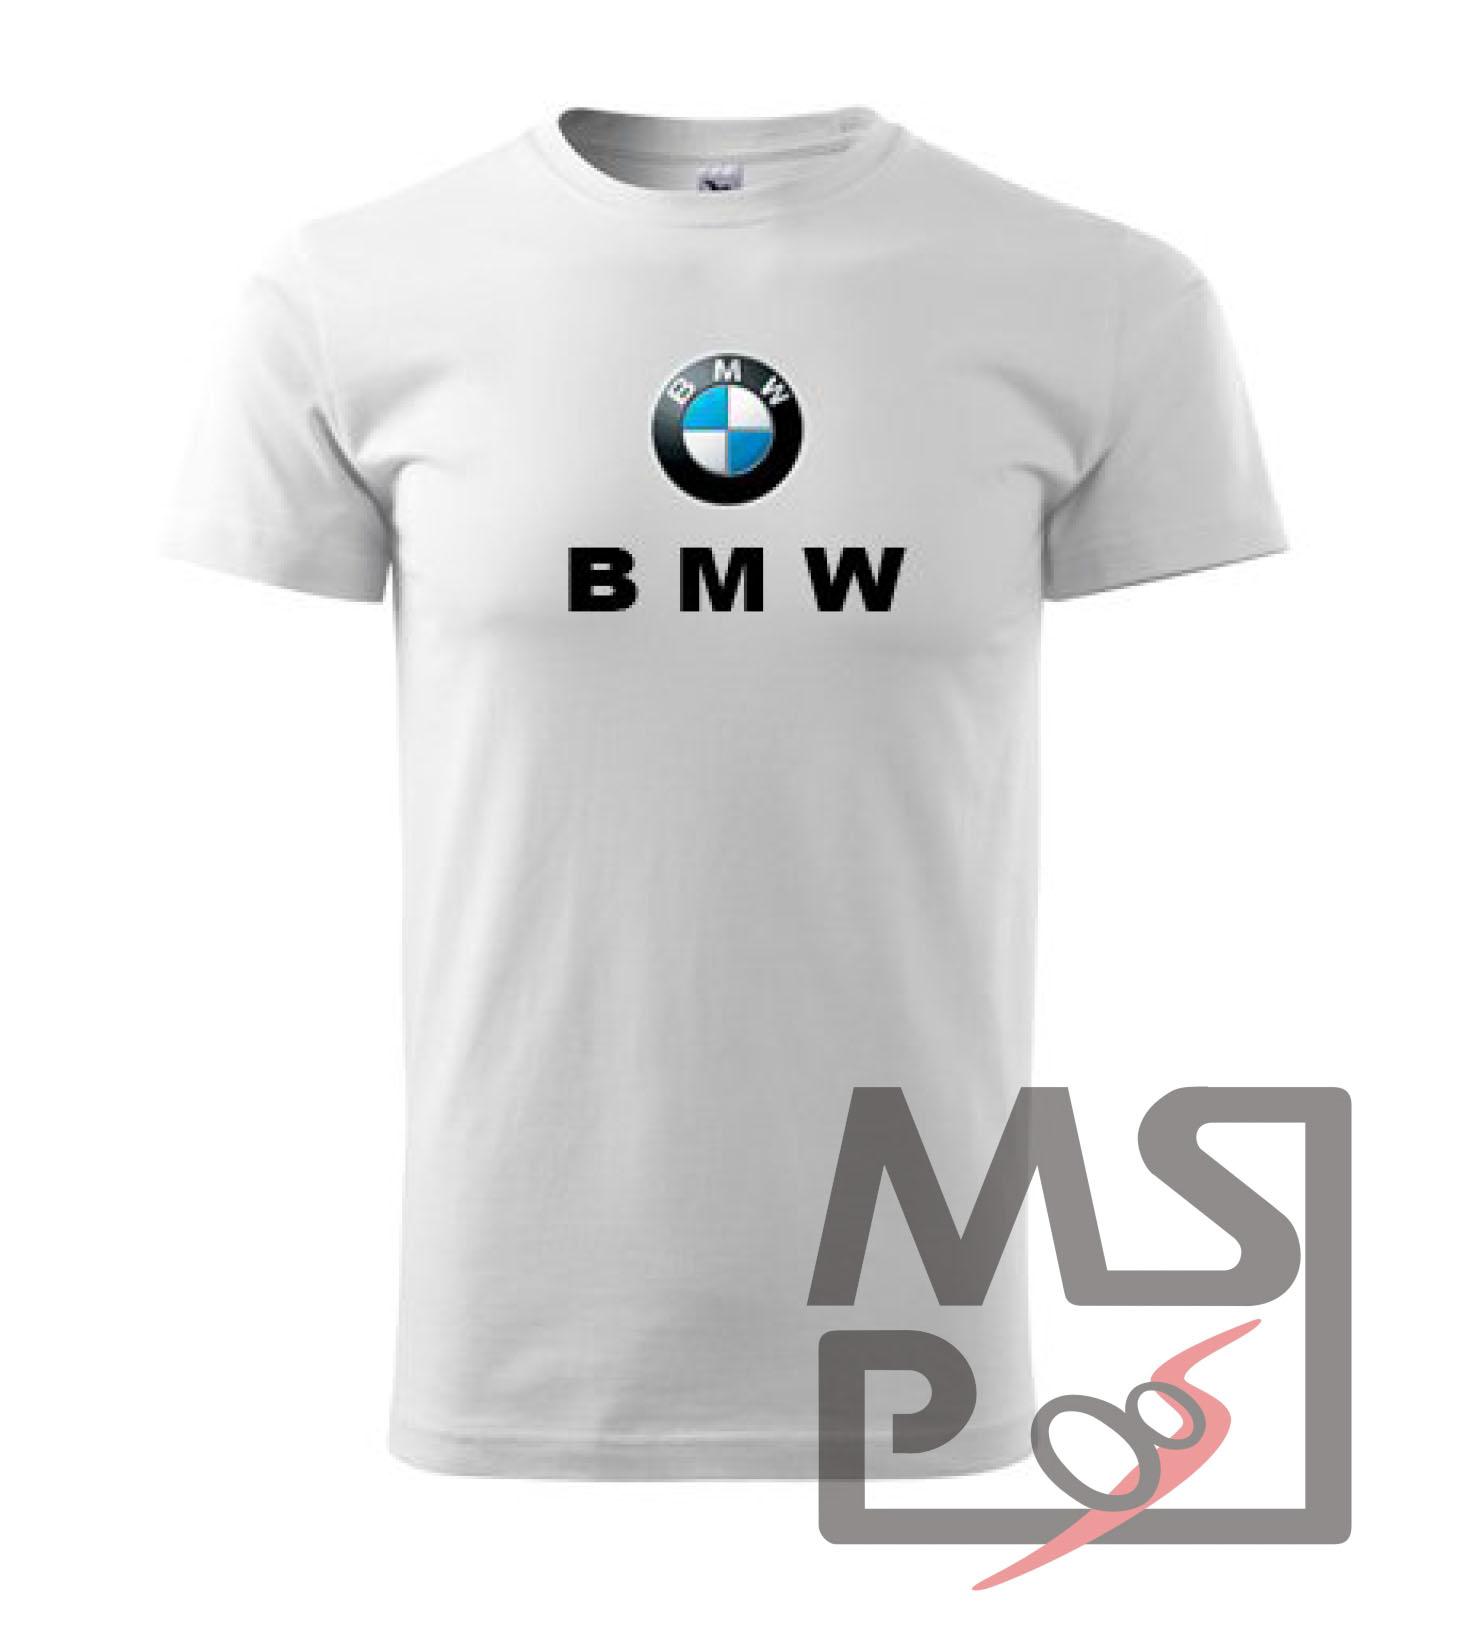 Tričko s motívom BMW